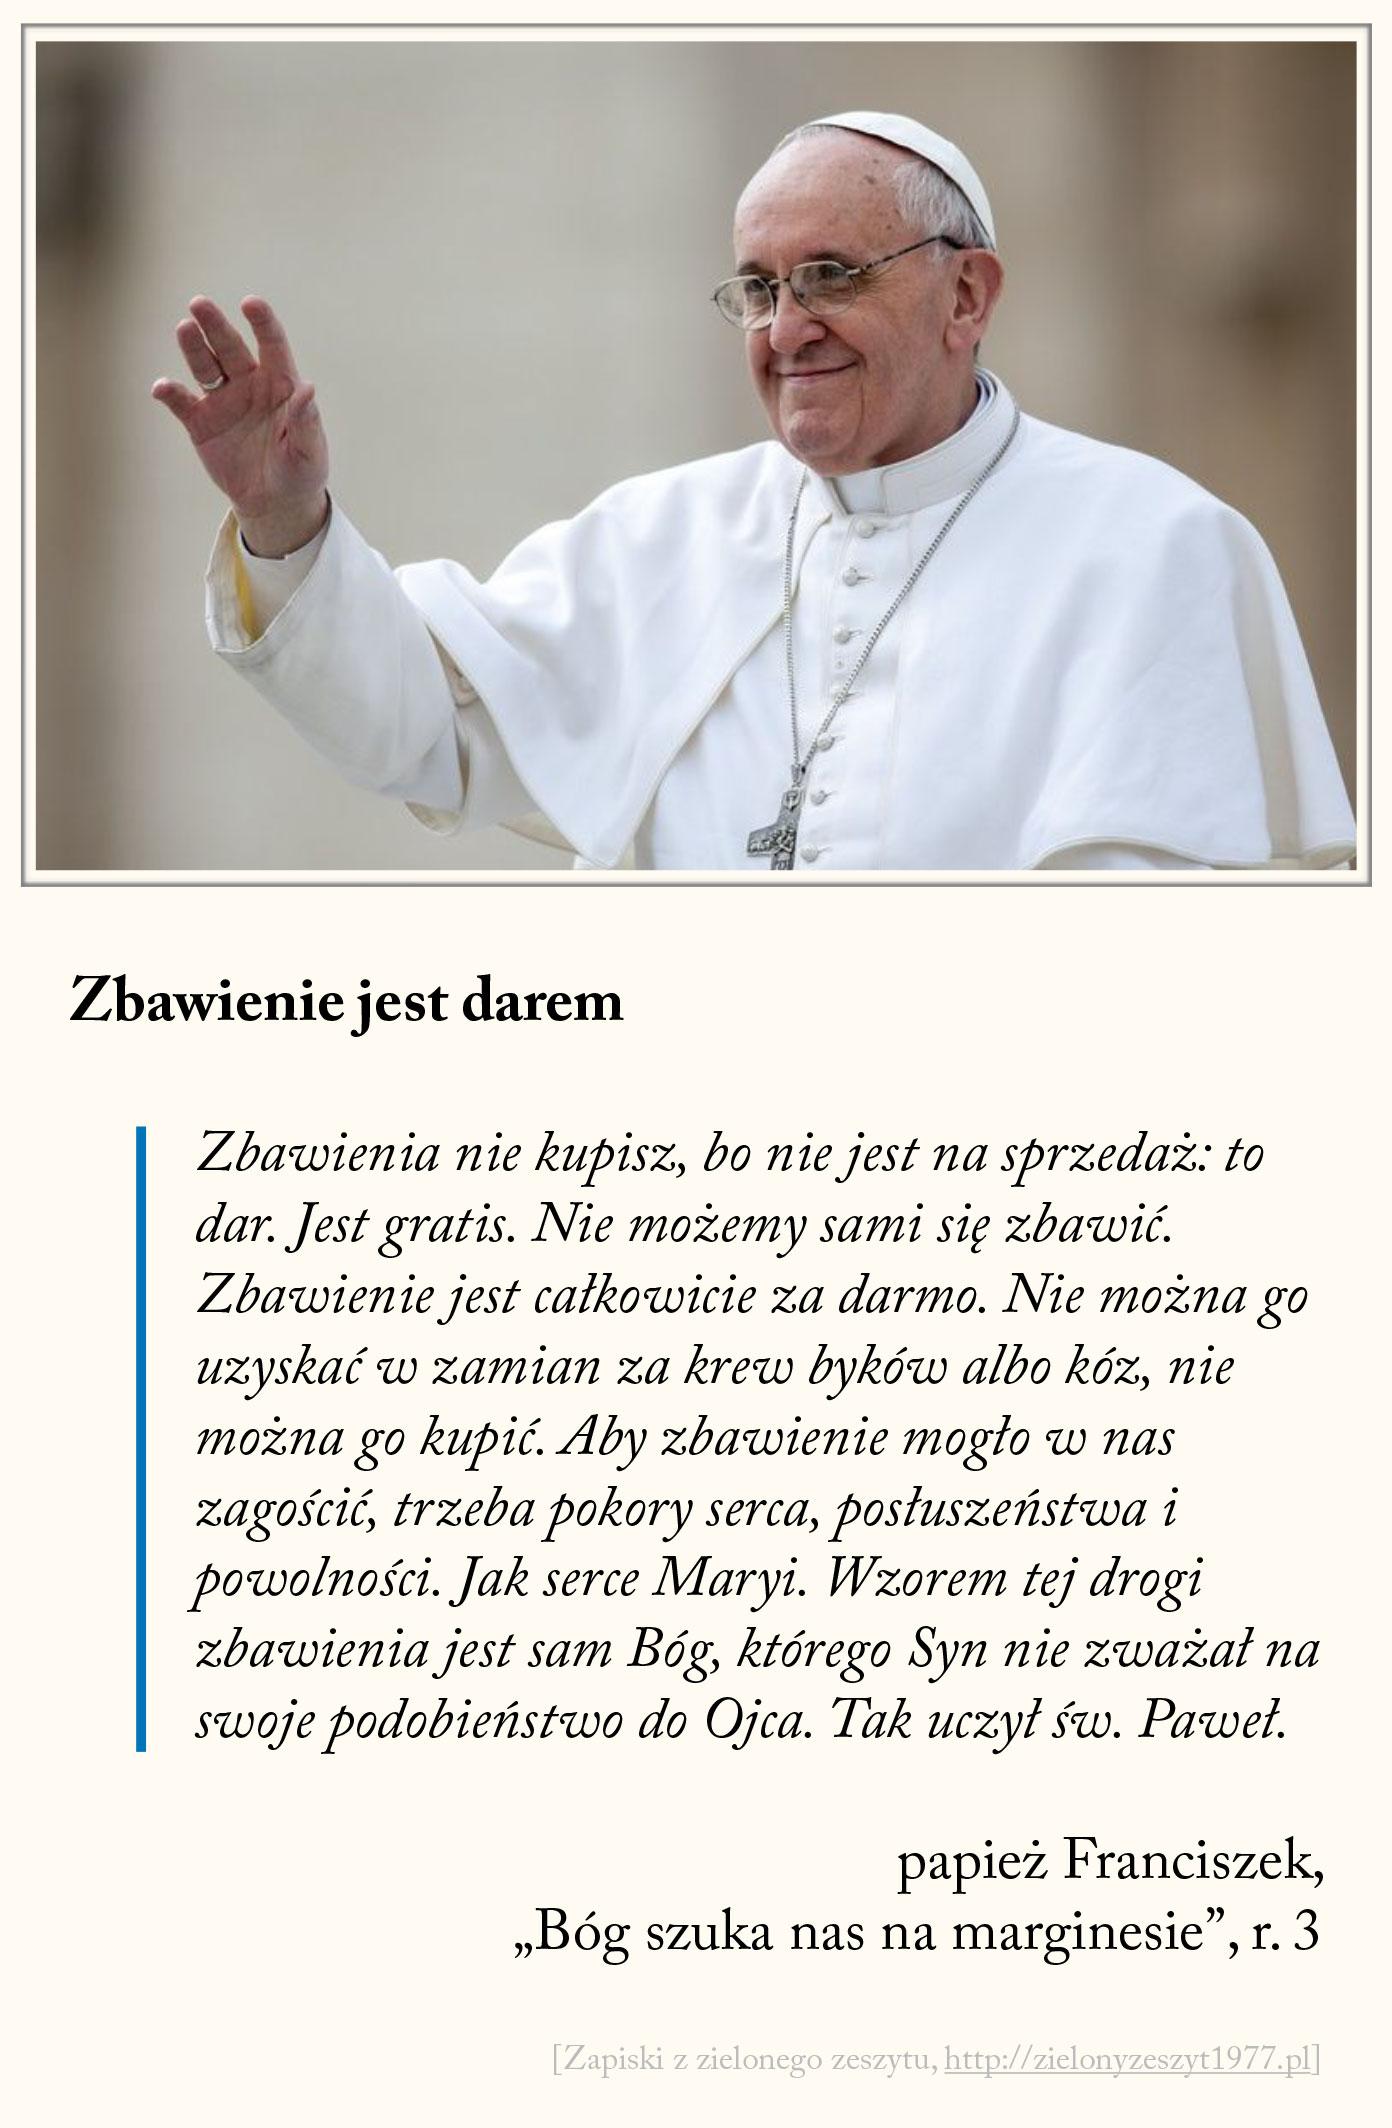 Zbawienie jest darem, papież Franciszek